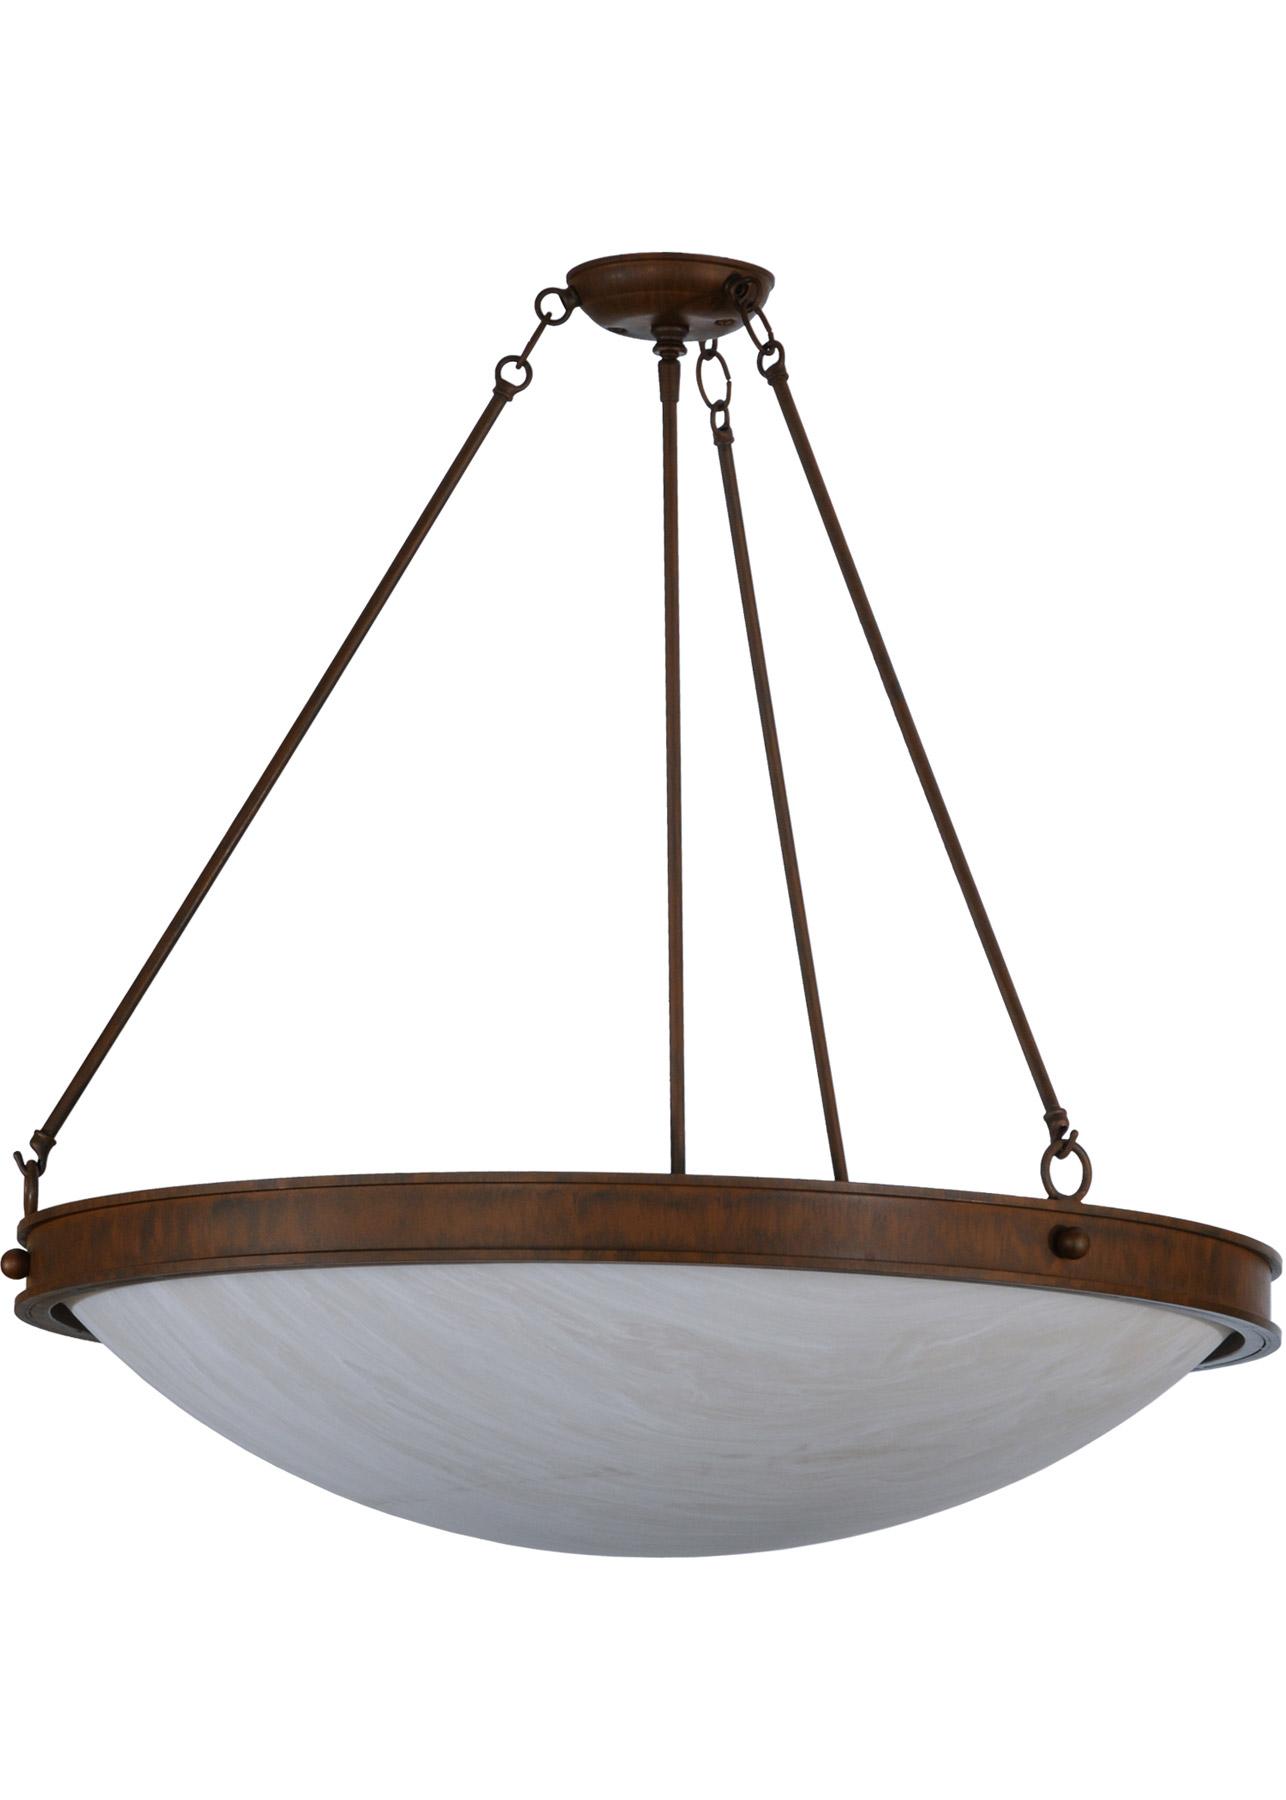 meyda 127660 dionne inverted bowl pendant. Black Bedroom Furniture Sets. Home Design Ideas